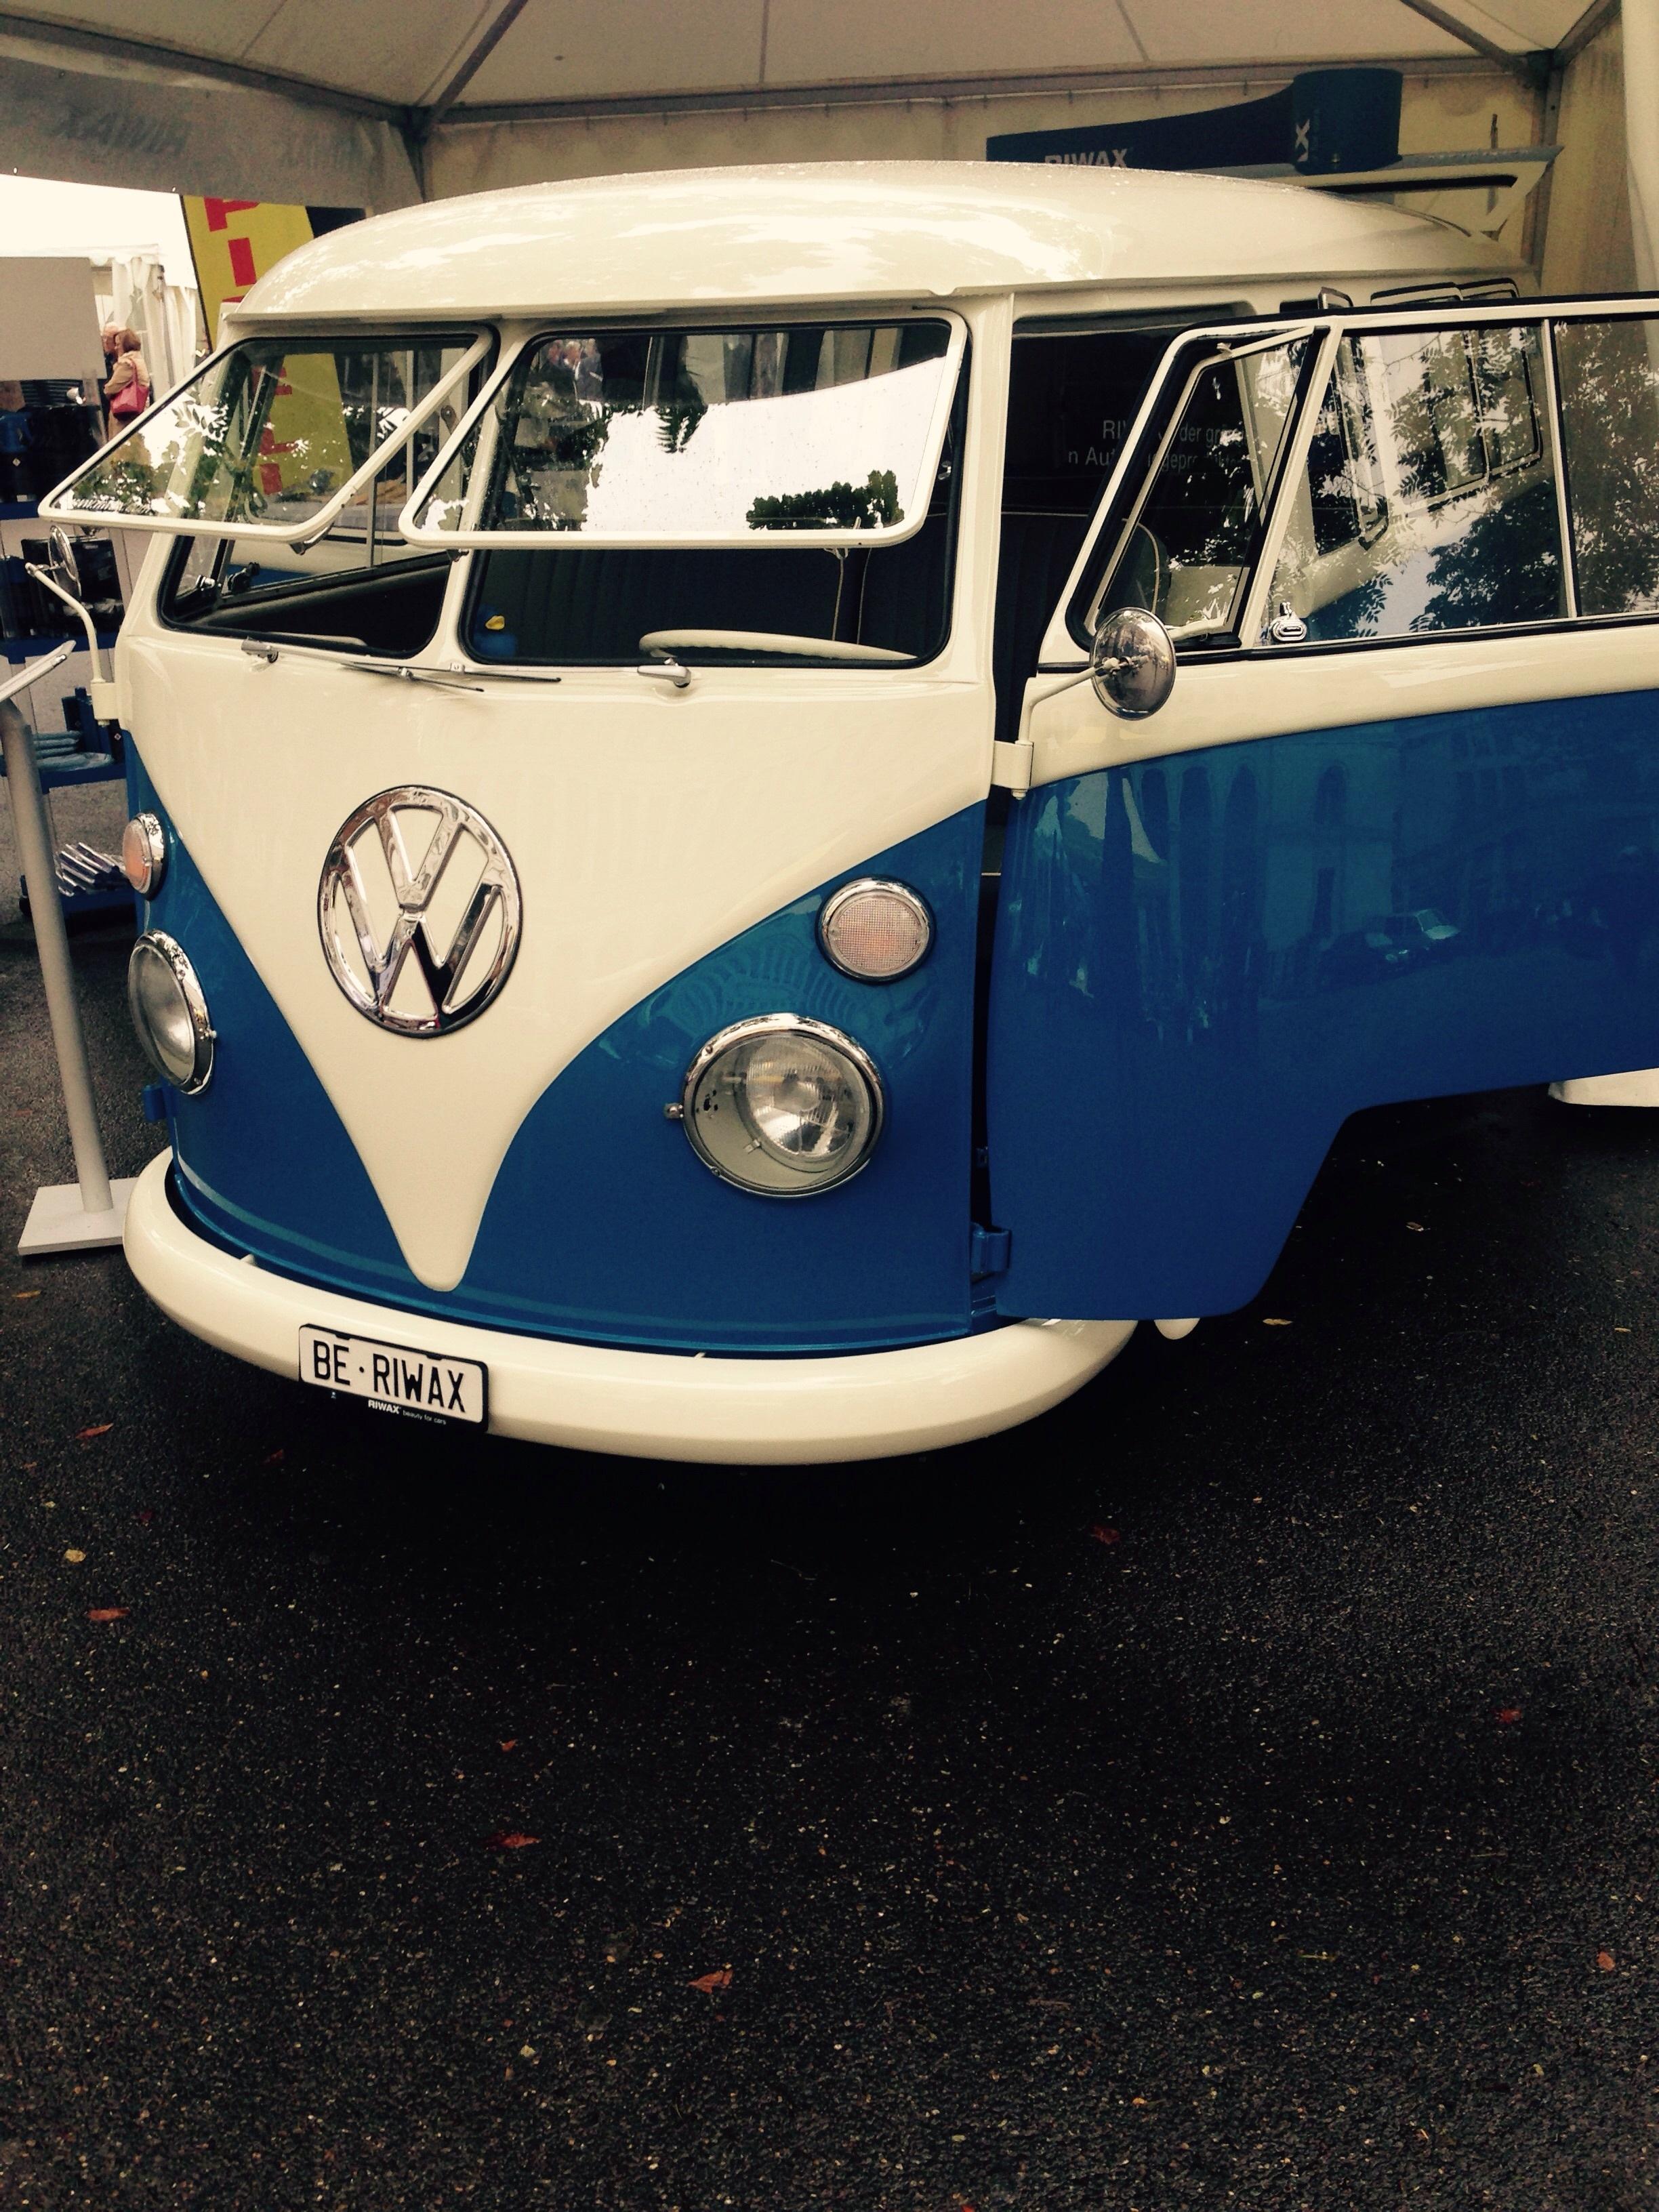 Gambar Roda Retro Vw Volkswagen Mobil Van Mendorong Mobil